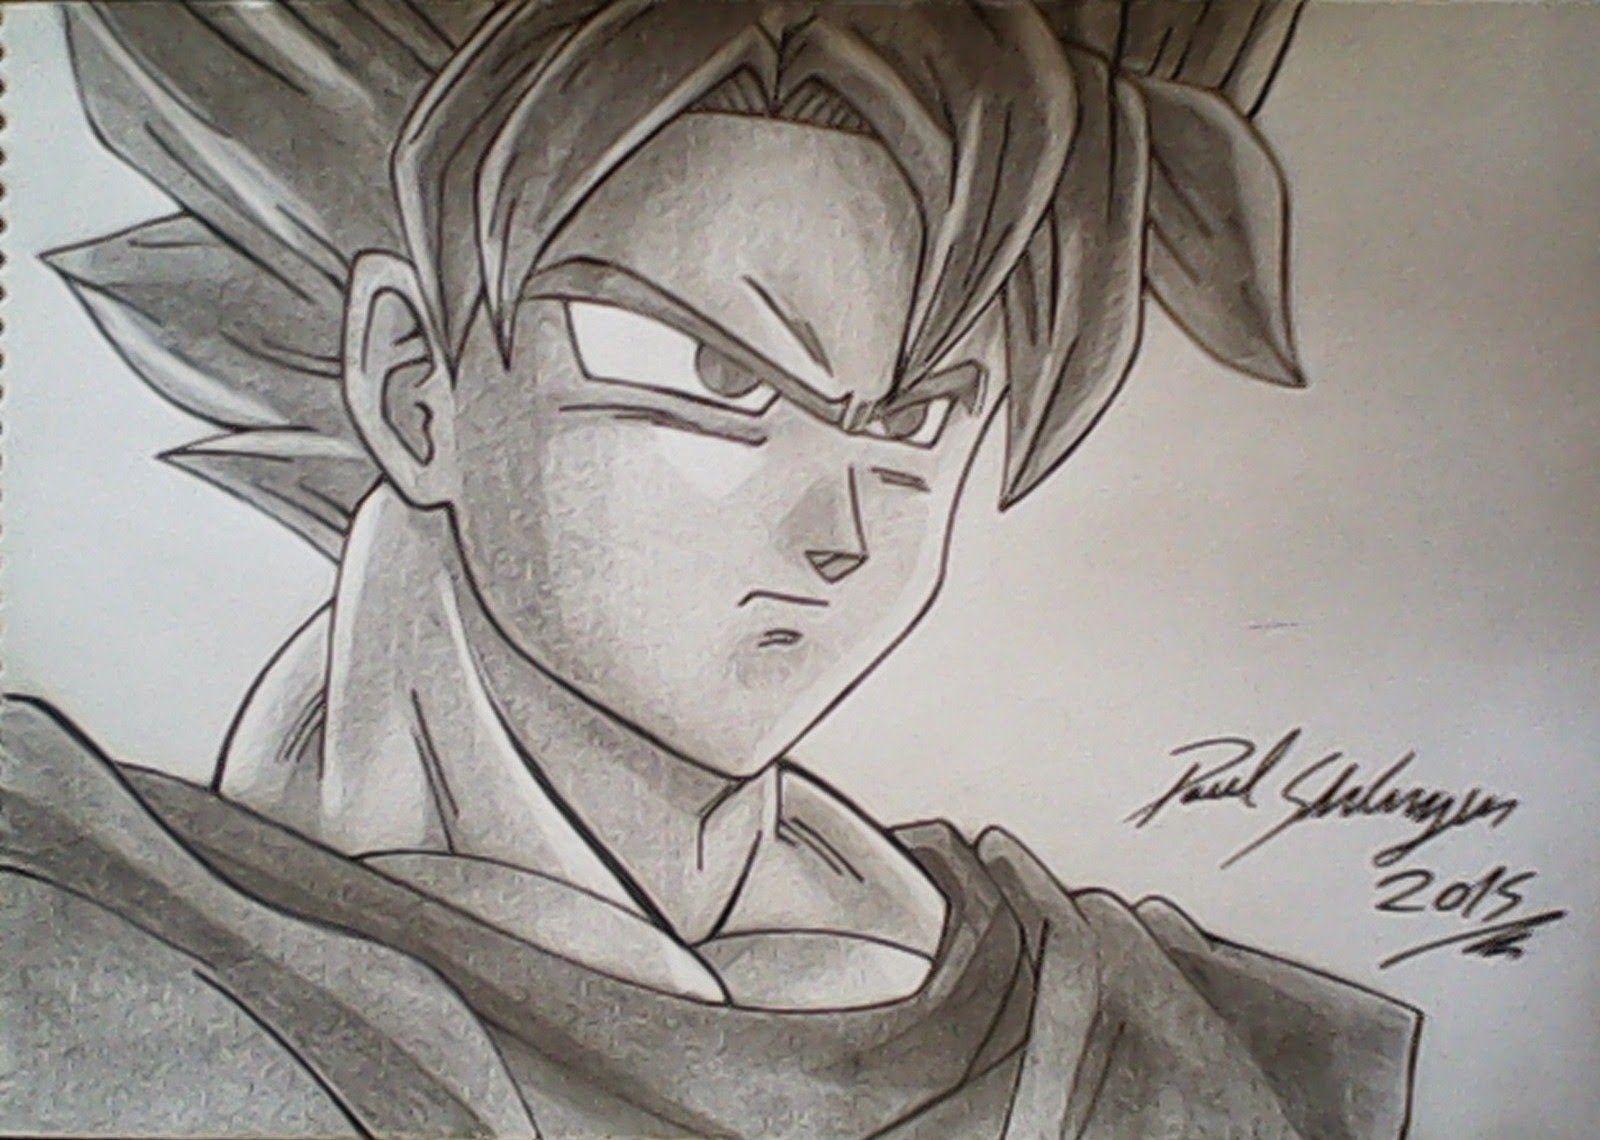 Dibujos De Goku Normal A Lapiz Buscar Con Google Goku A Lapiz Dibujo De Goku Esbozo De Dragon